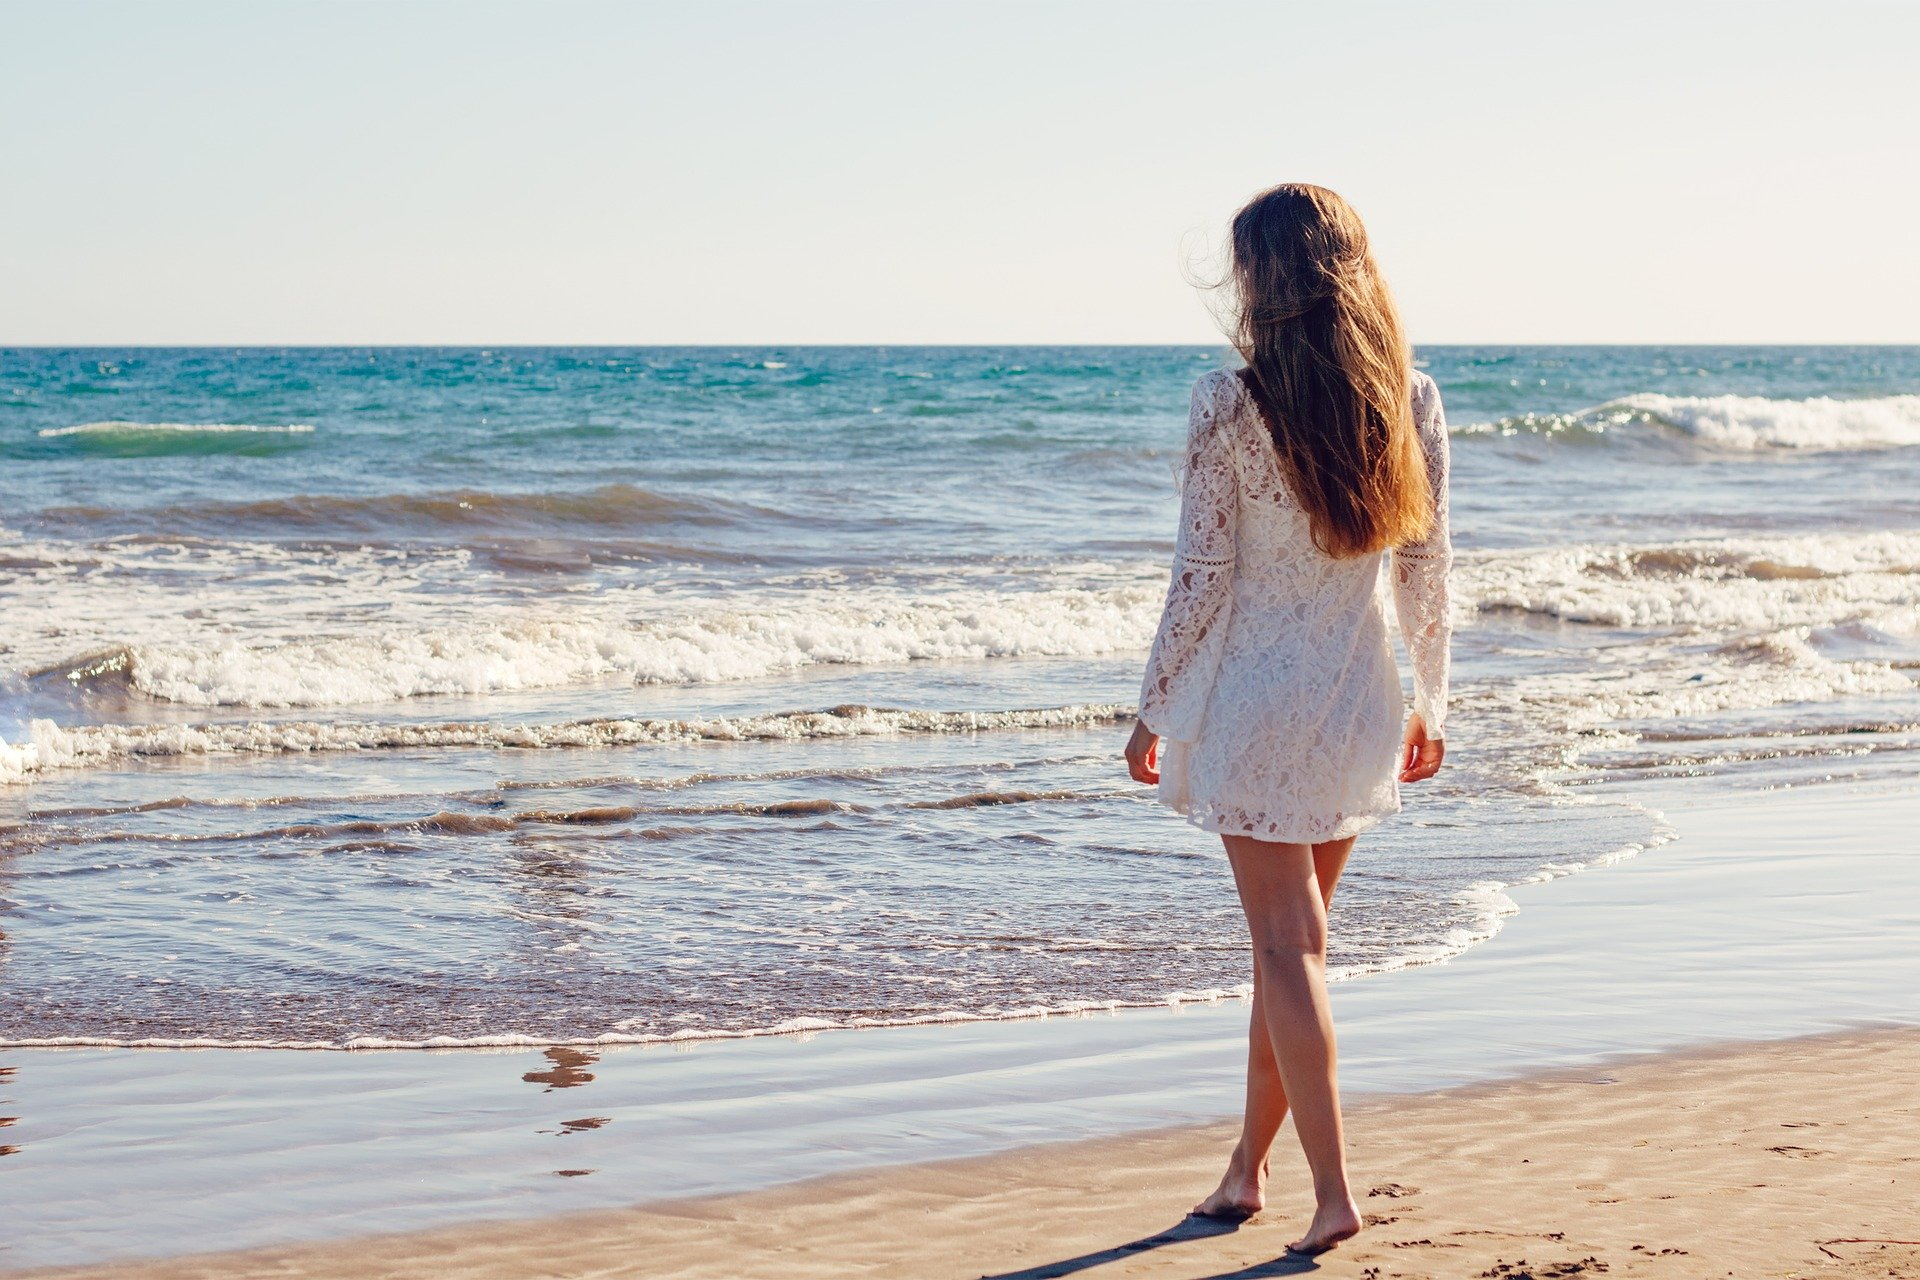 Comment séduire et baiser des nanas à la plage?